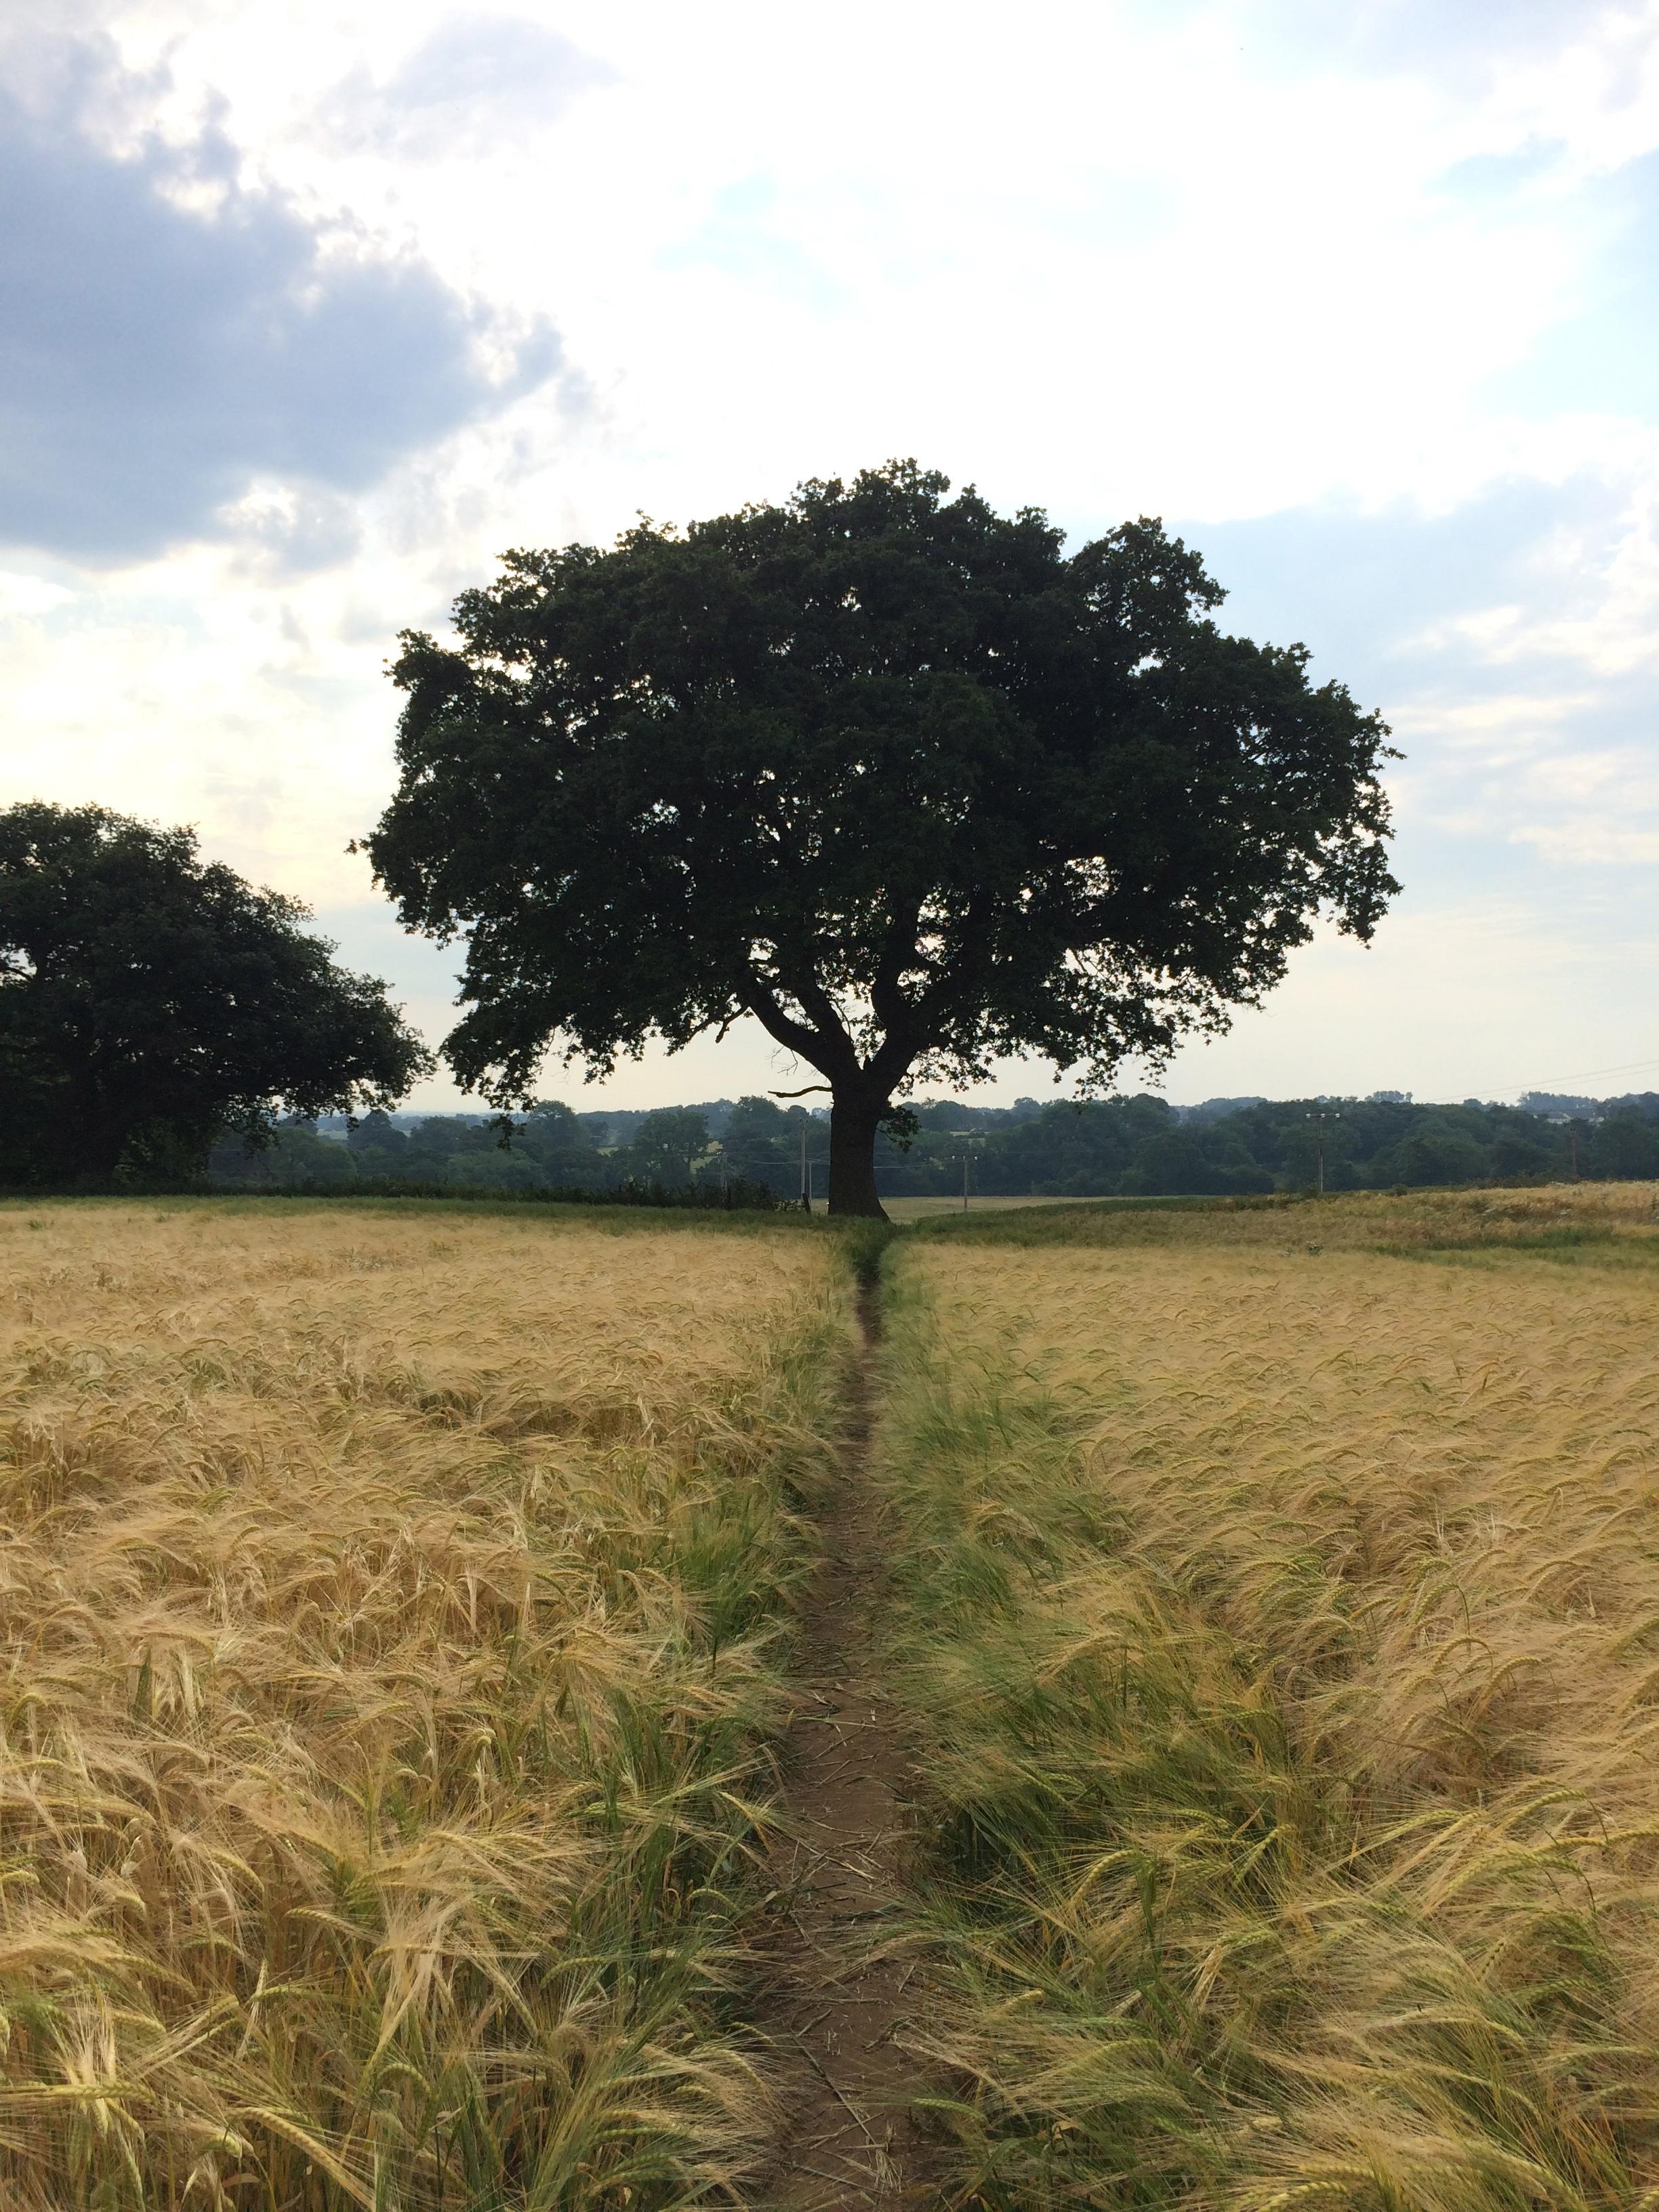 Wheat fields en route